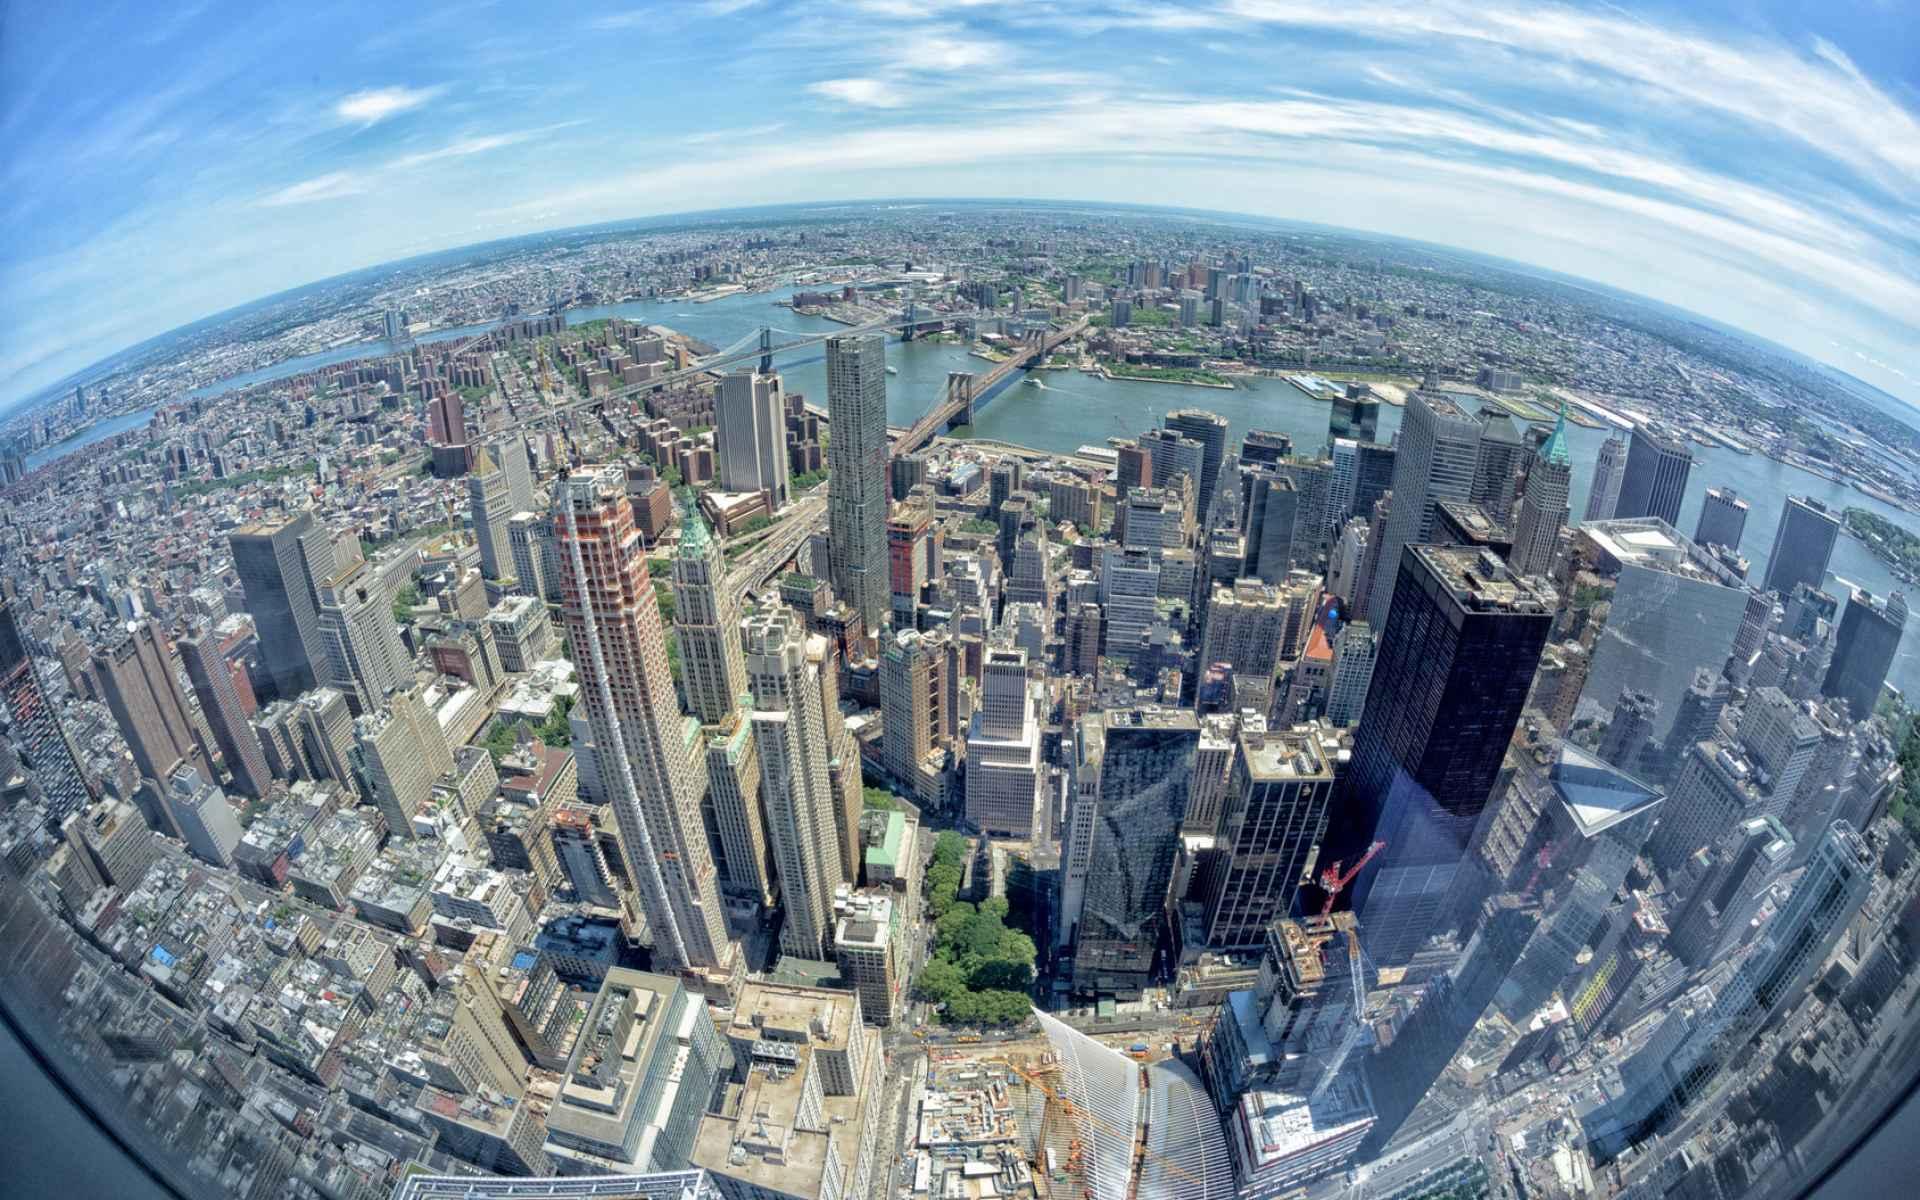 Świat z drona | TOP 8 Biuro podróży Goforworld by Kuźniar